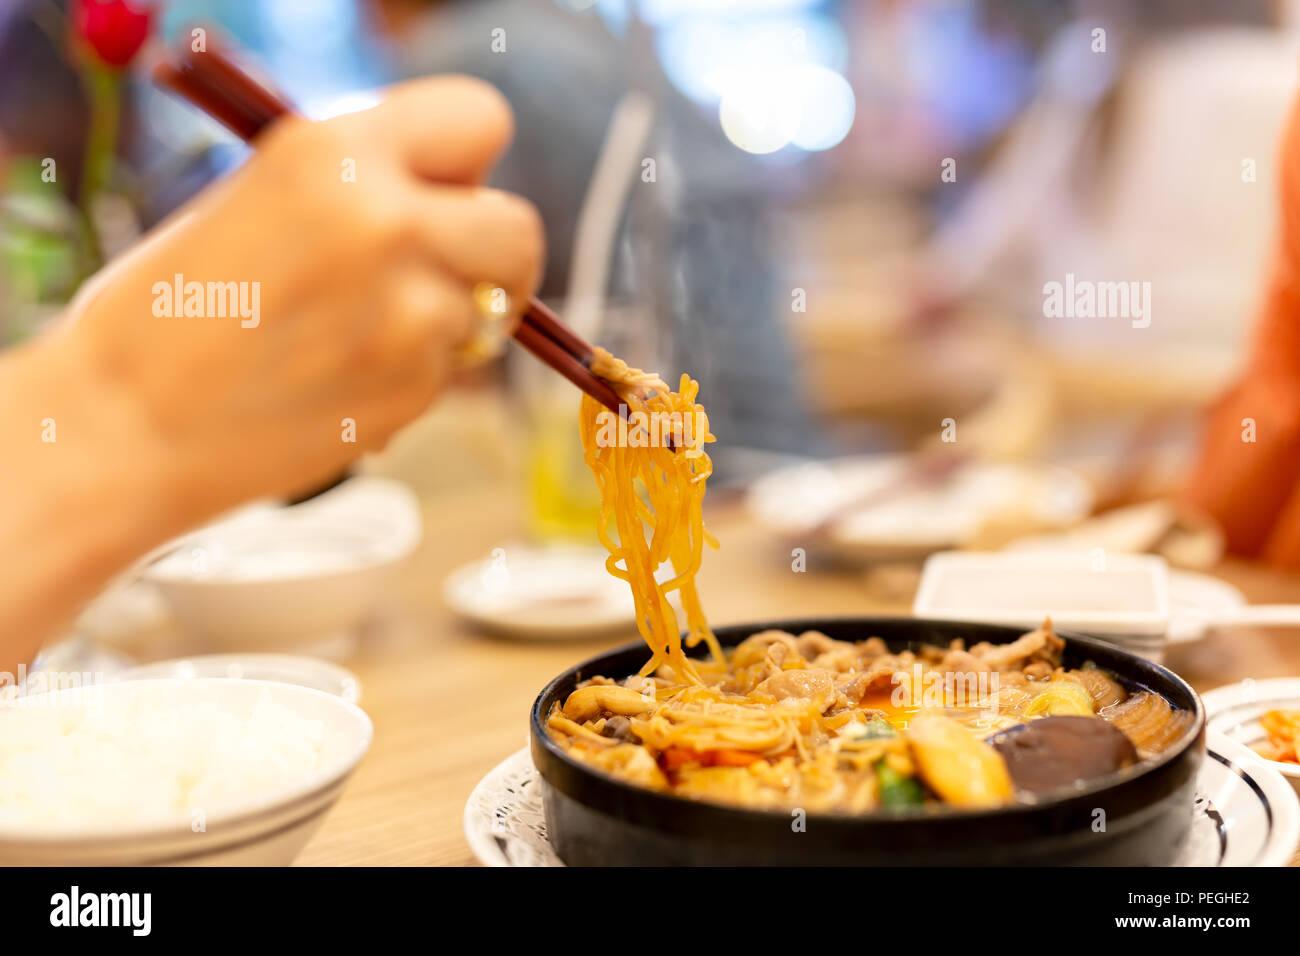 Part avec des baguettes de manger des nouilles Udon Japonaise. Photo Stock